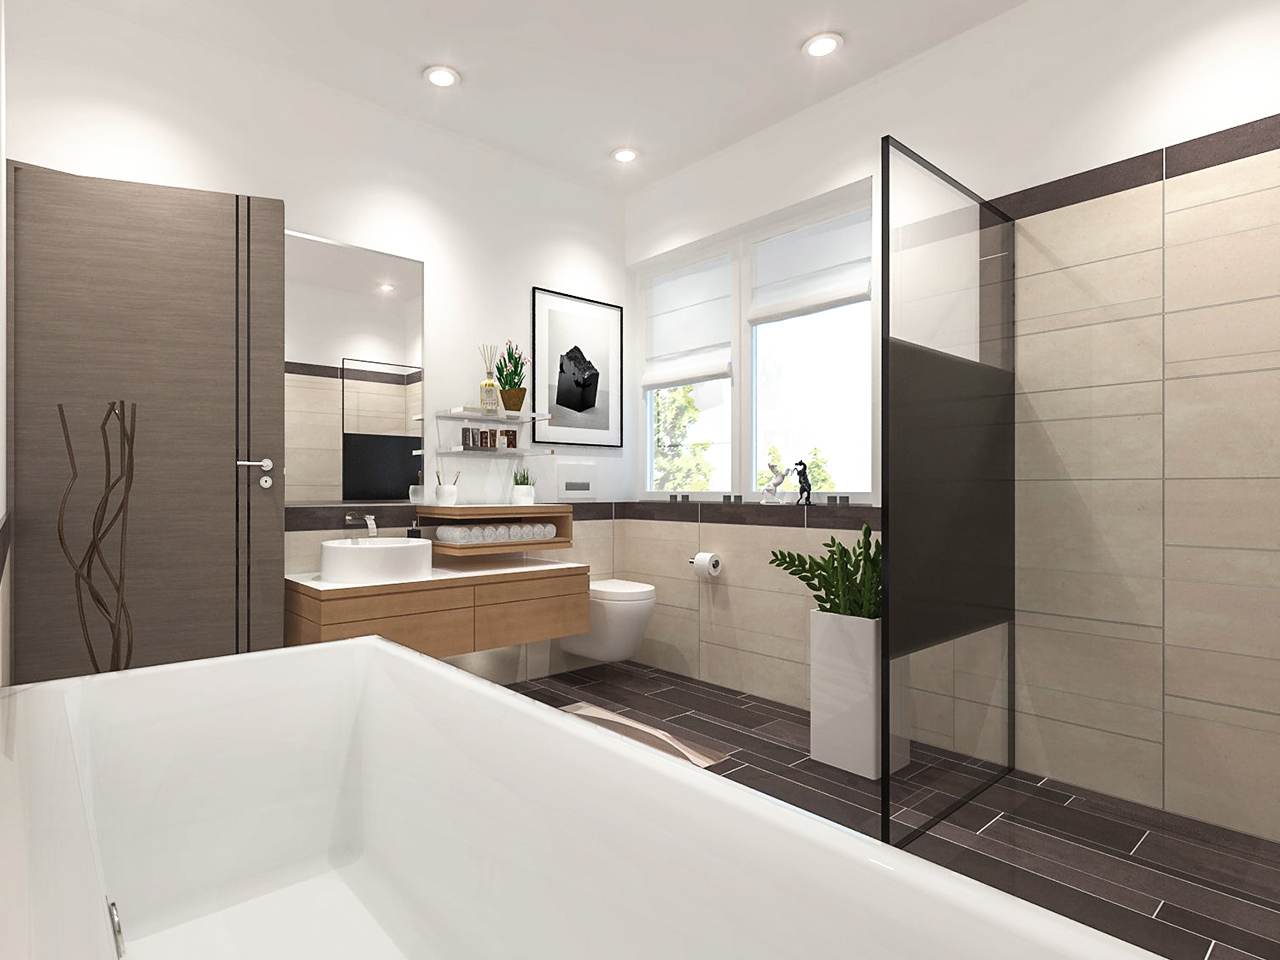 Badezimmer-Visualisierung